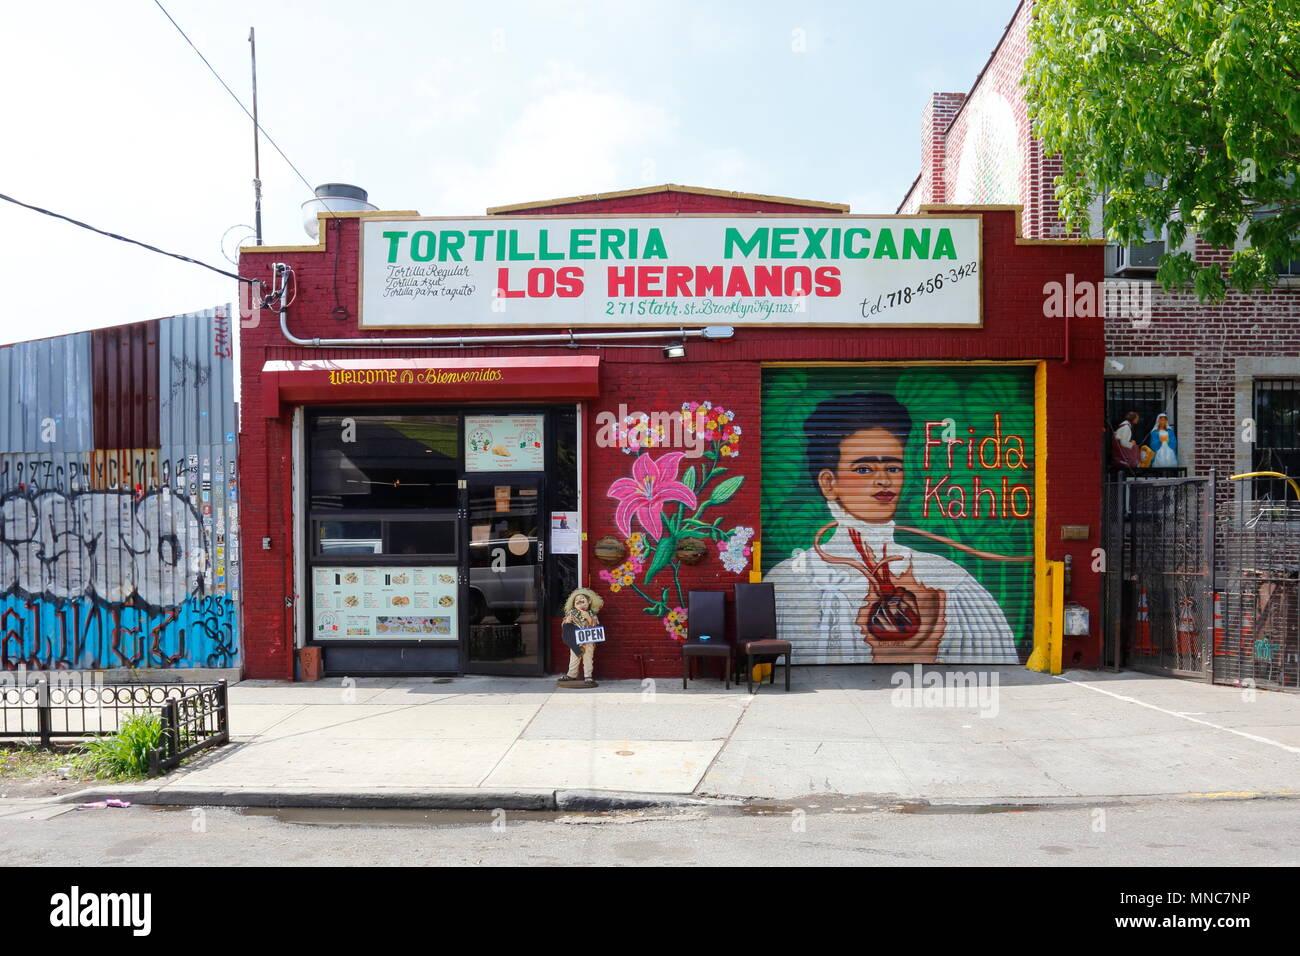 Los Hermanos, 271 Starr St, Brooklyn, NY - Stock Image